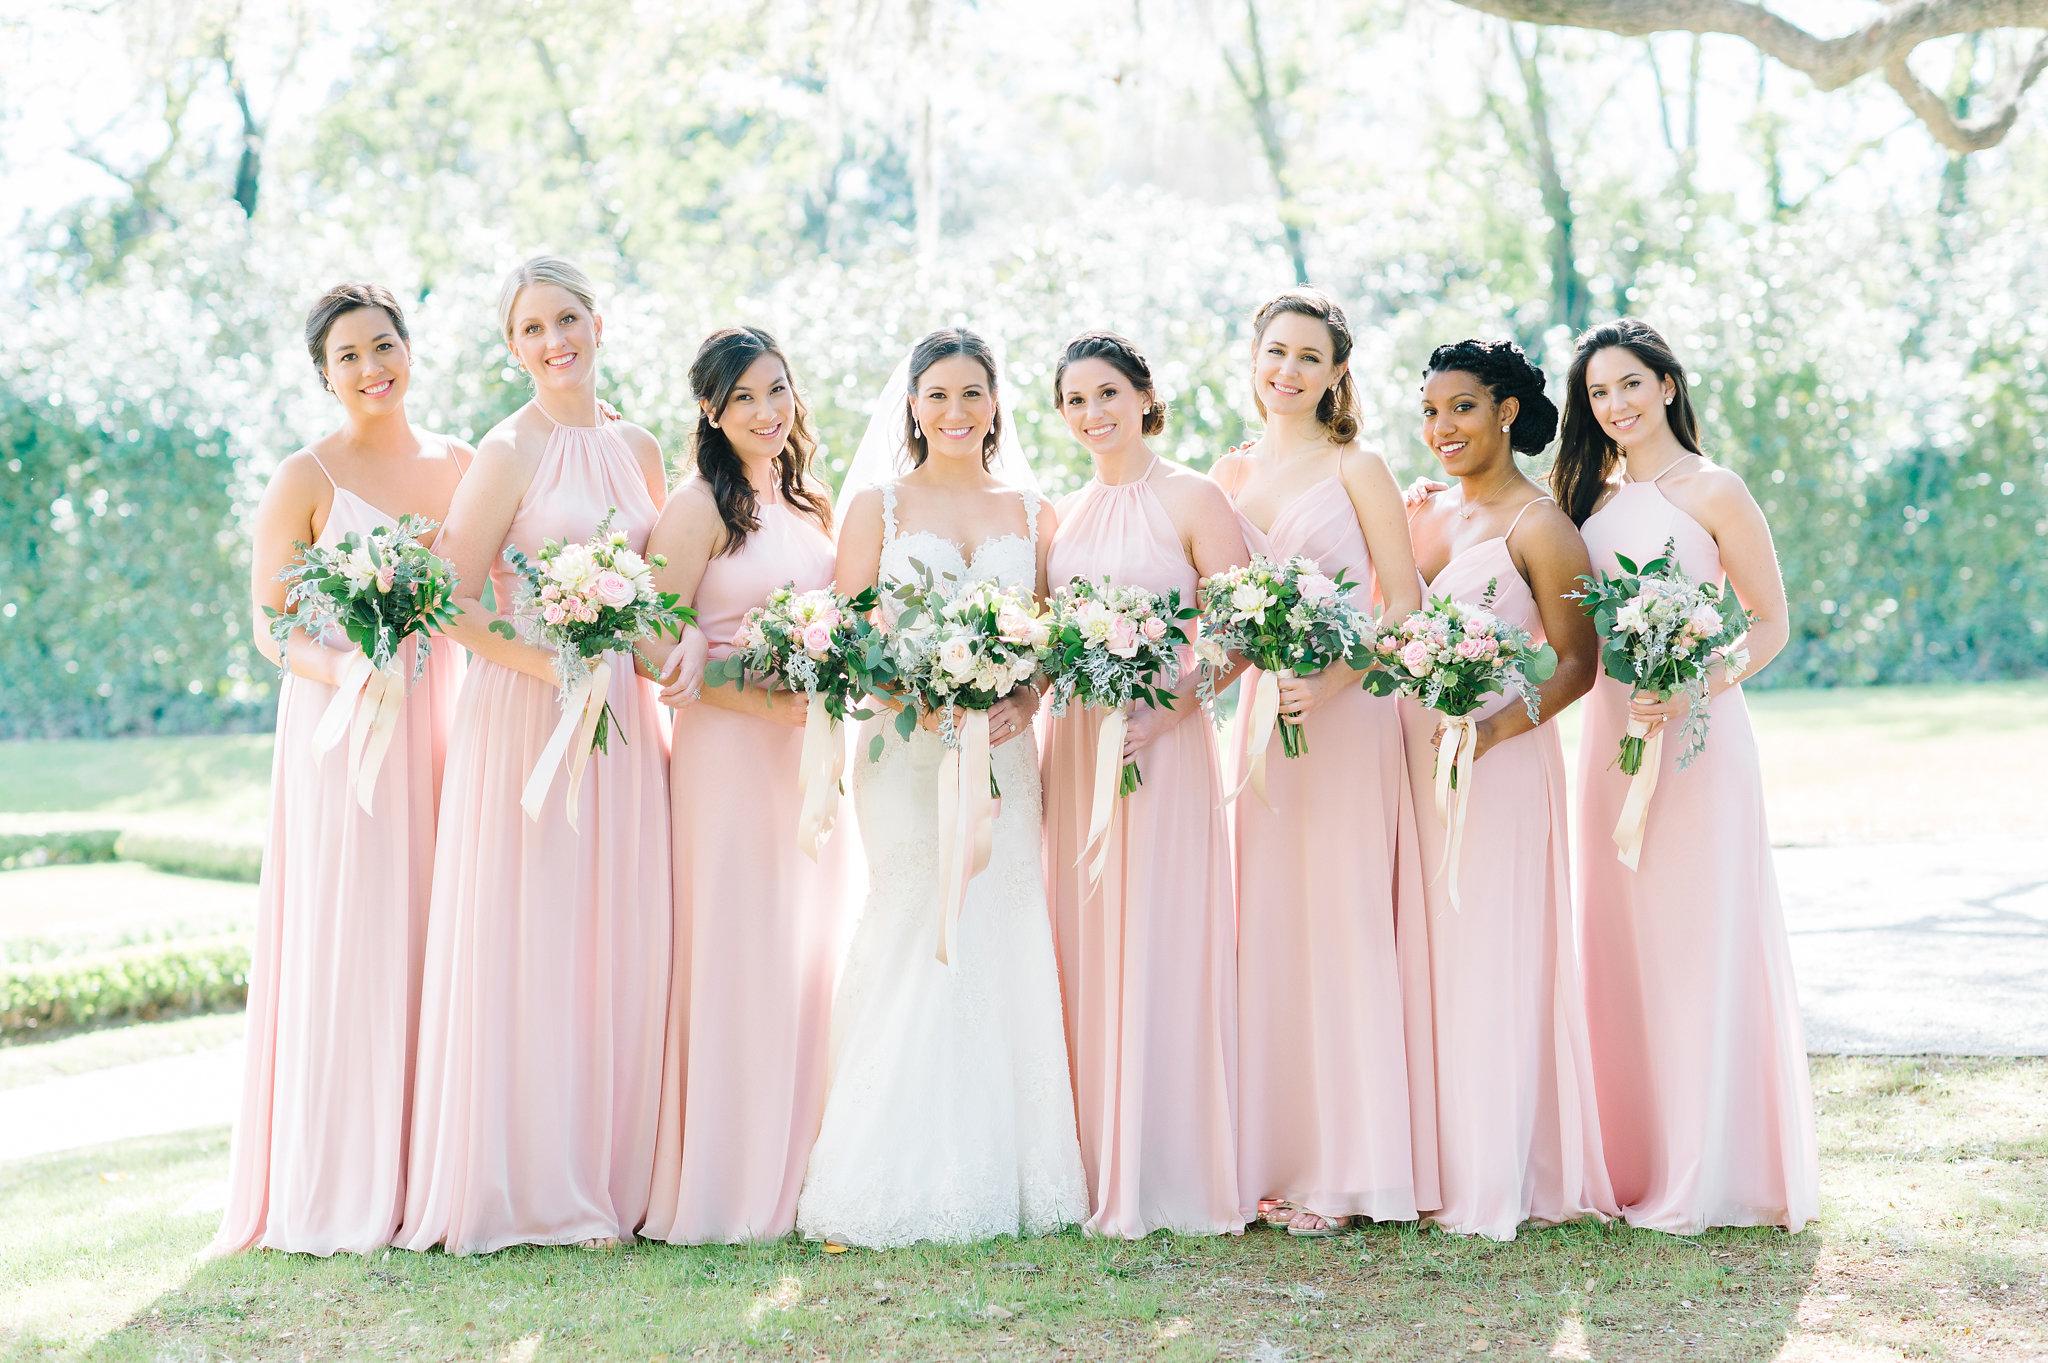 75681b4f7d Hayley Paige Occasions Bridesmaids Dresses Elizabeth Anne Designs